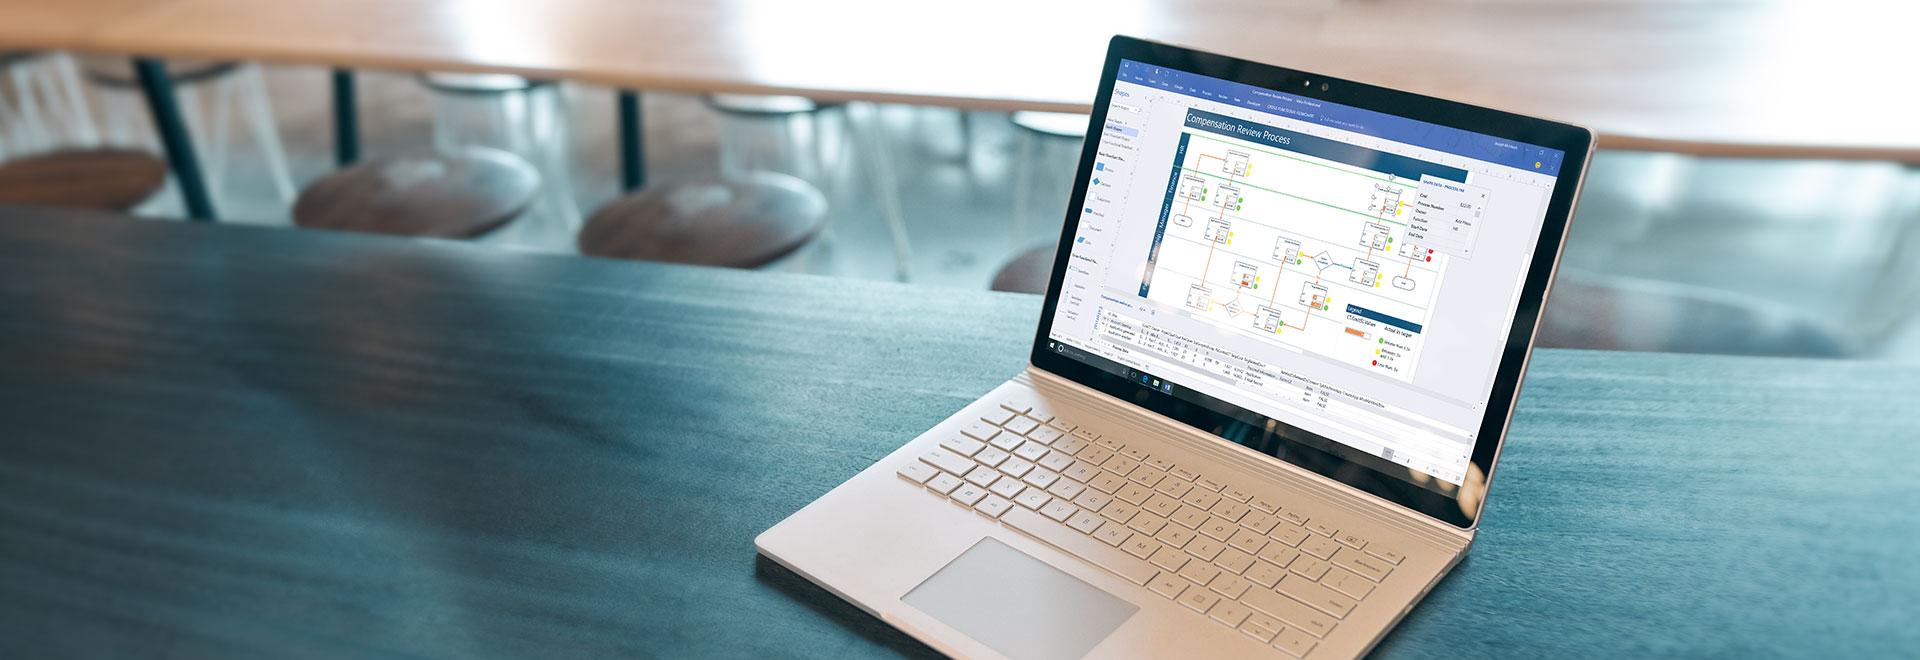 Laptop prikazuje dijagram toka posla procesa u programu Visio Pro za Office 365